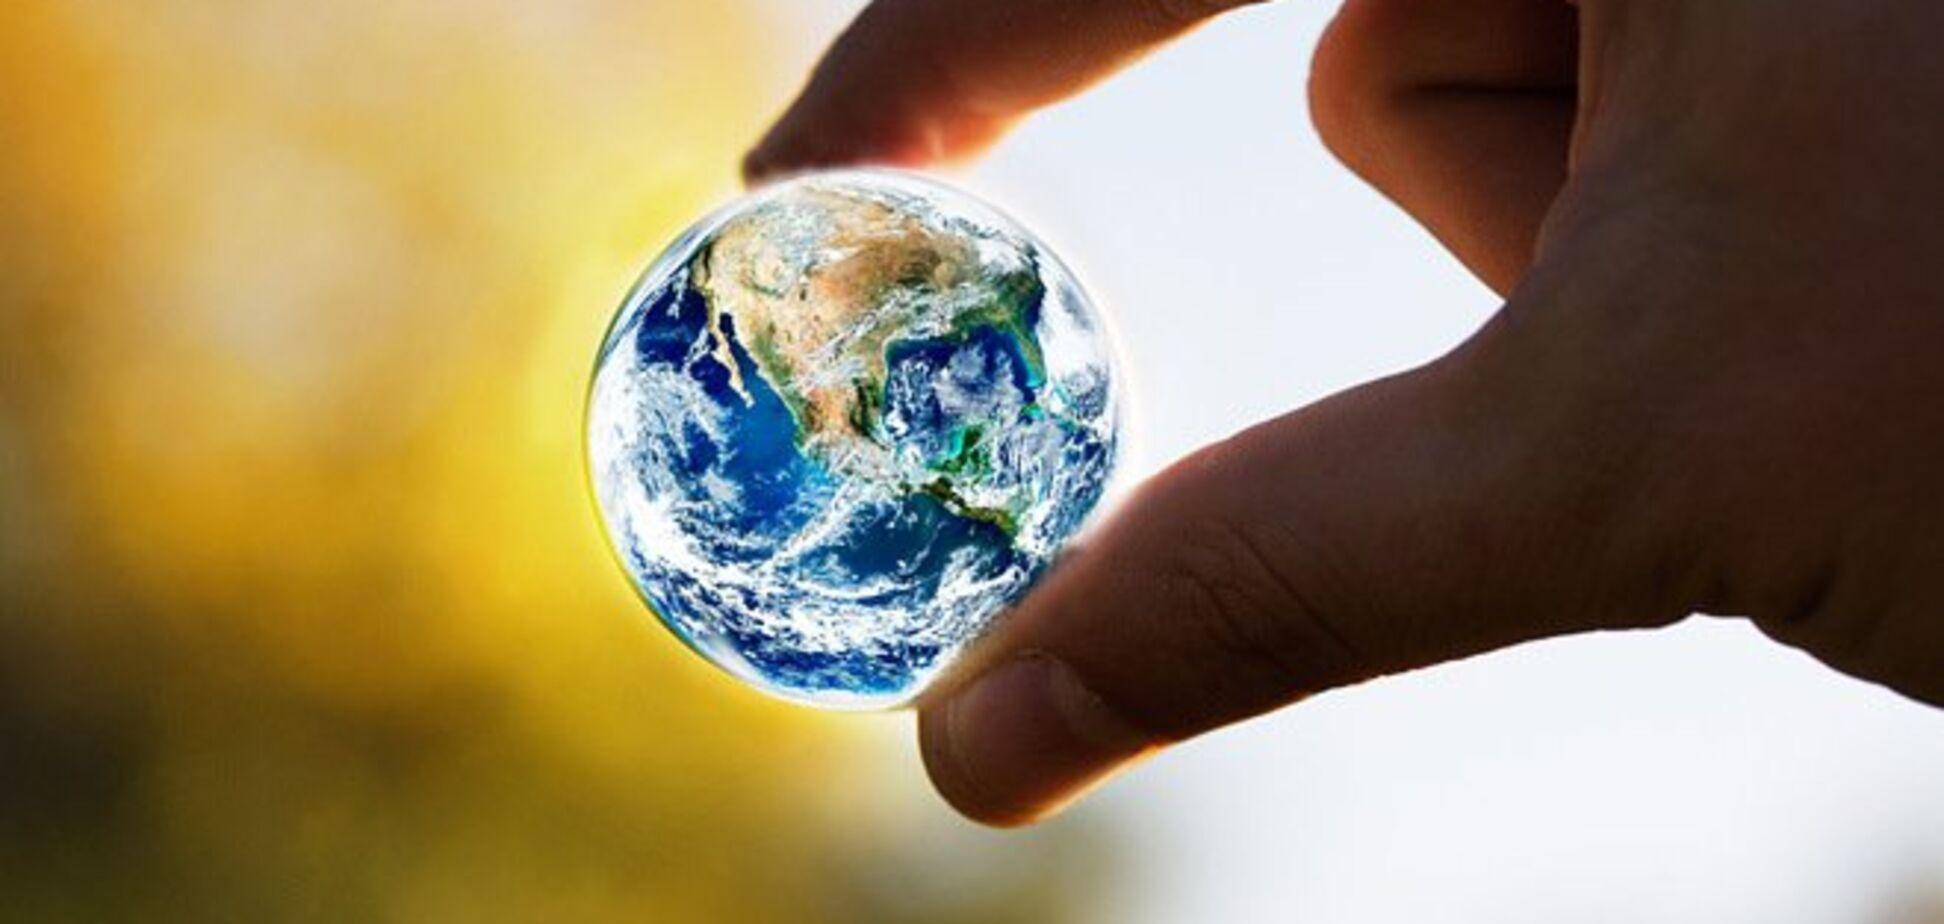 Україна перегрівається! З'ясувався страхітливий нюанс зміни клімату